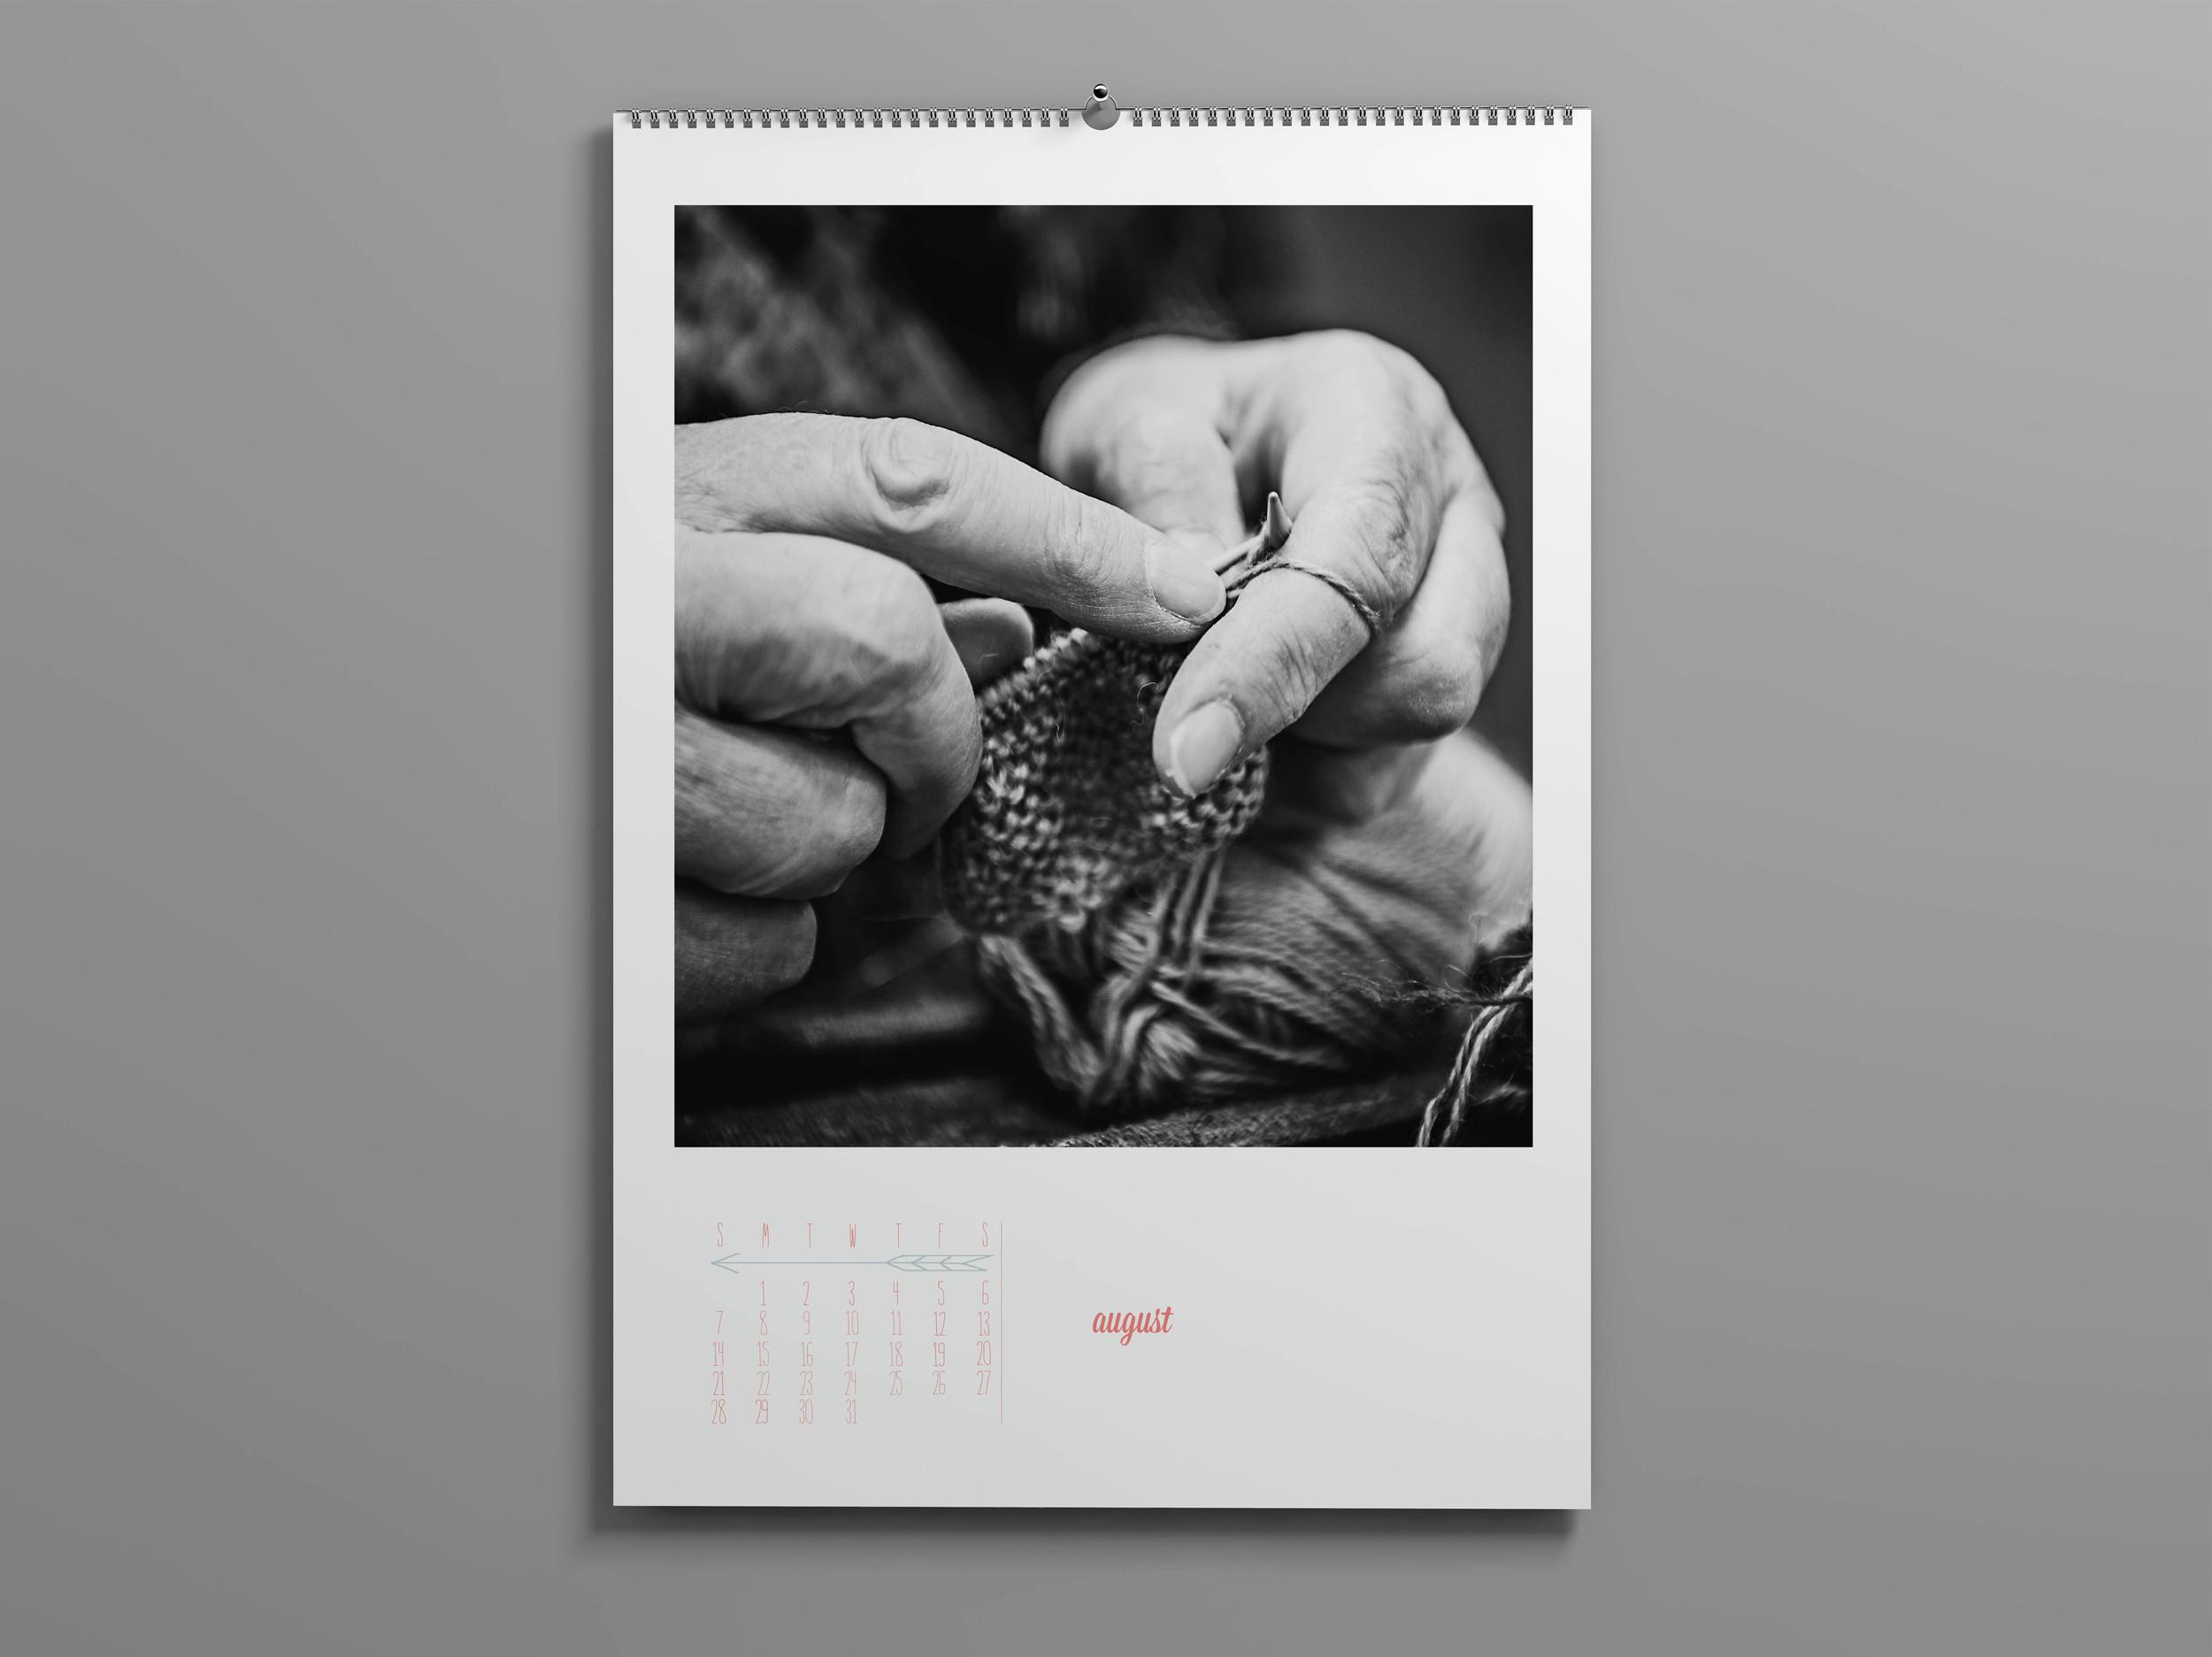 calendar-shop9.jpg